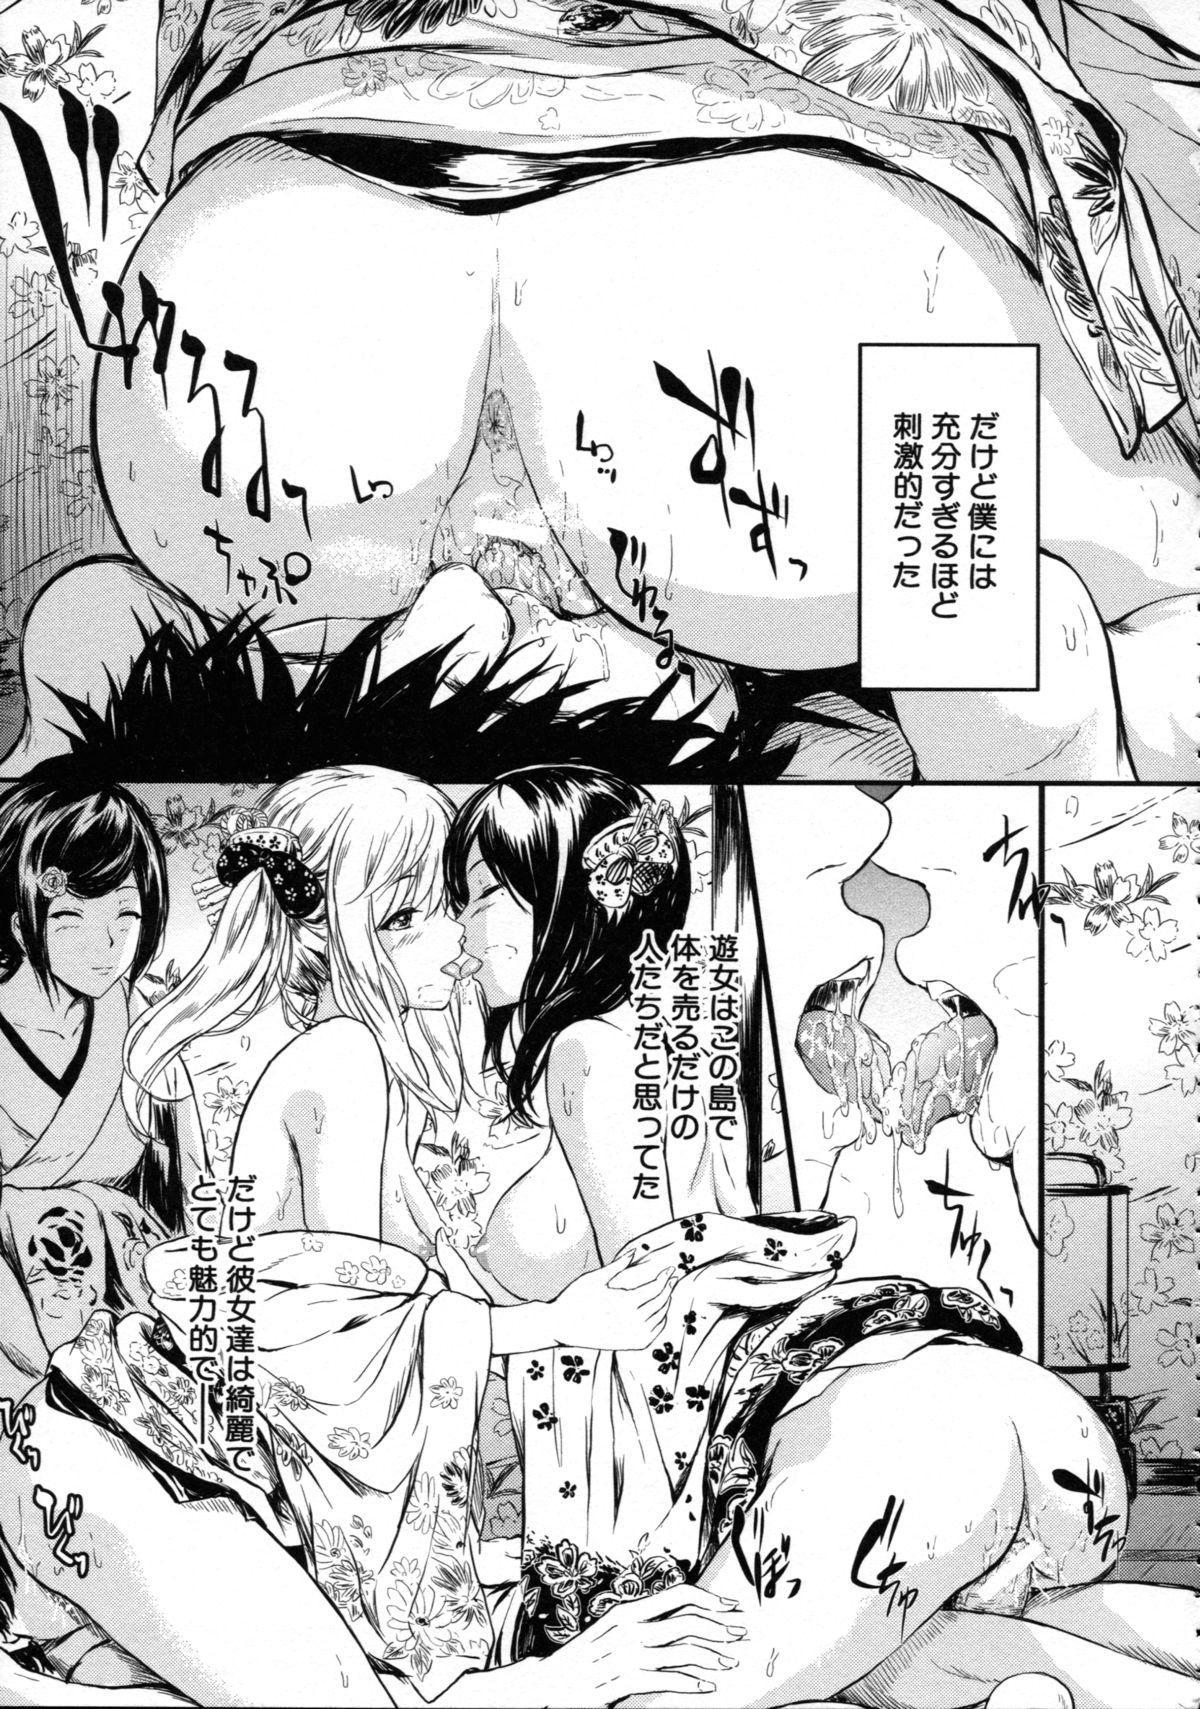 [Shiki Takuto] Tokoharu no Shoujo-tachi - The Girls in the Eternal Spring 44